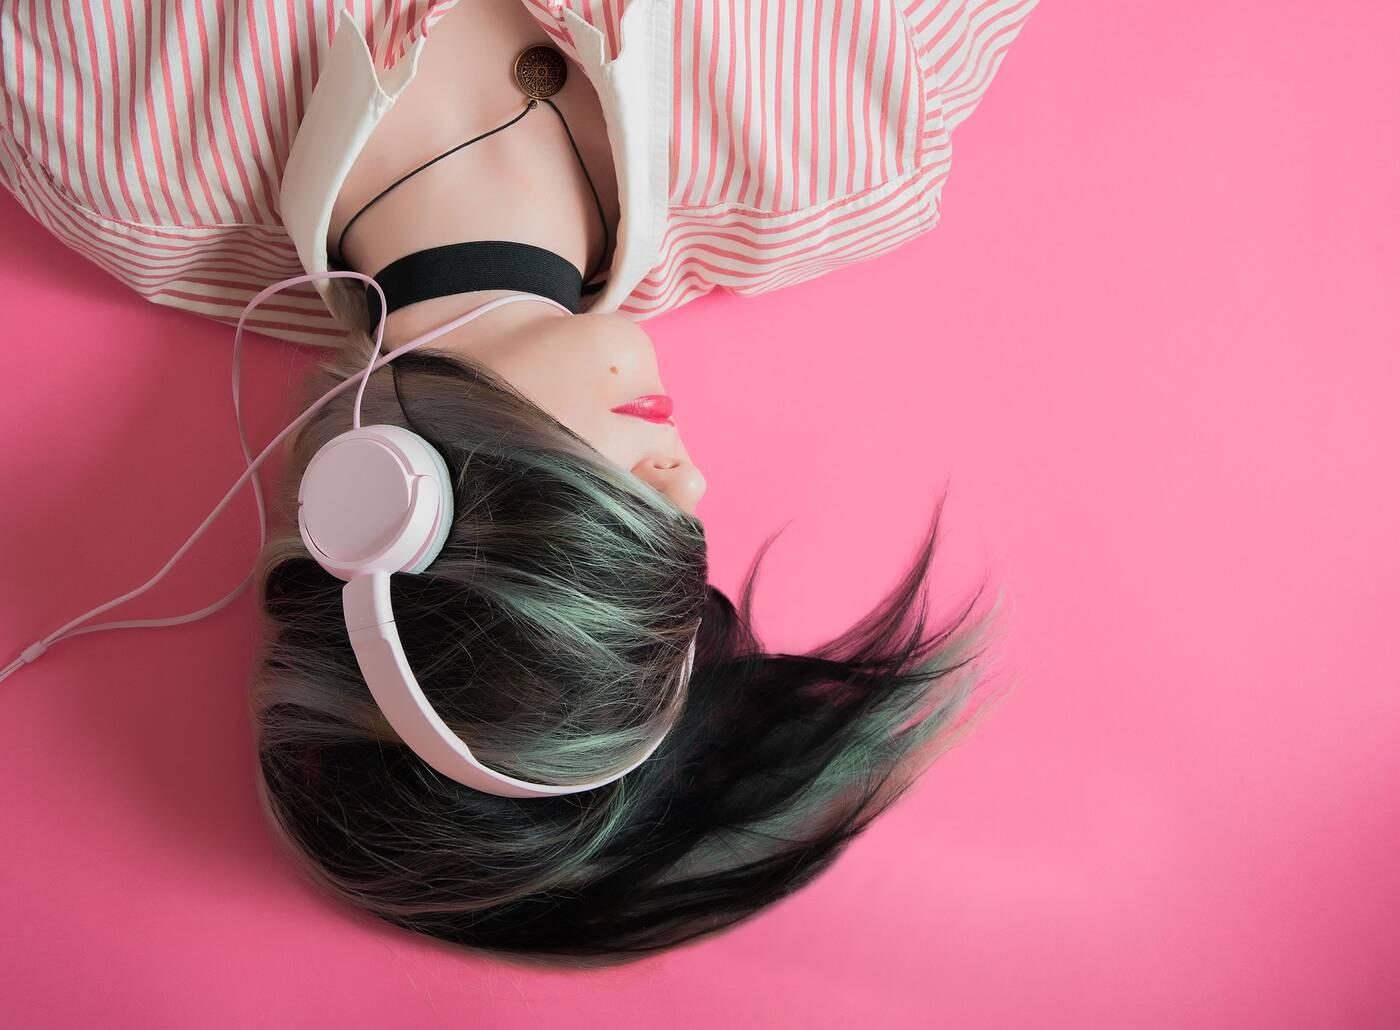 muzyka, nauka a muzyka, słuchanie muzyki, kreatywność muzyka,